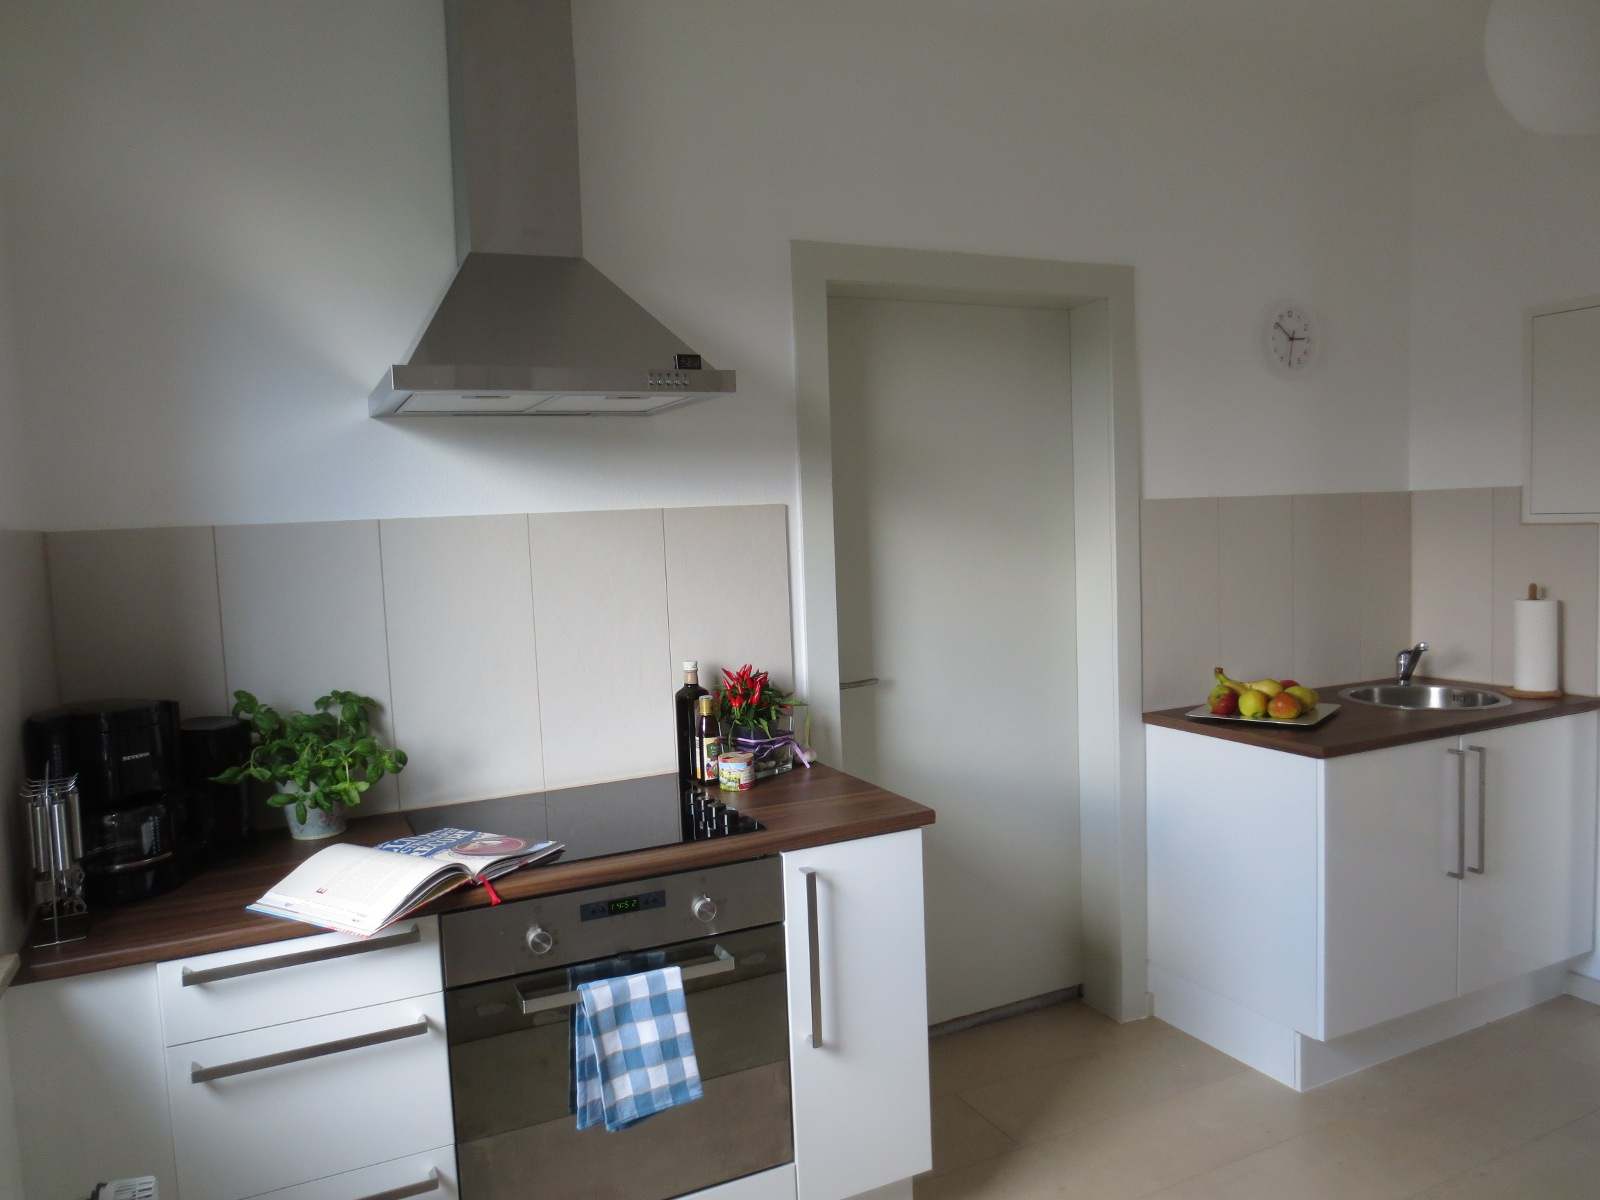 Drei Zimmer Küche Proviant : Küche köln bonner str ikea küche wandschrank aufhängen schiene